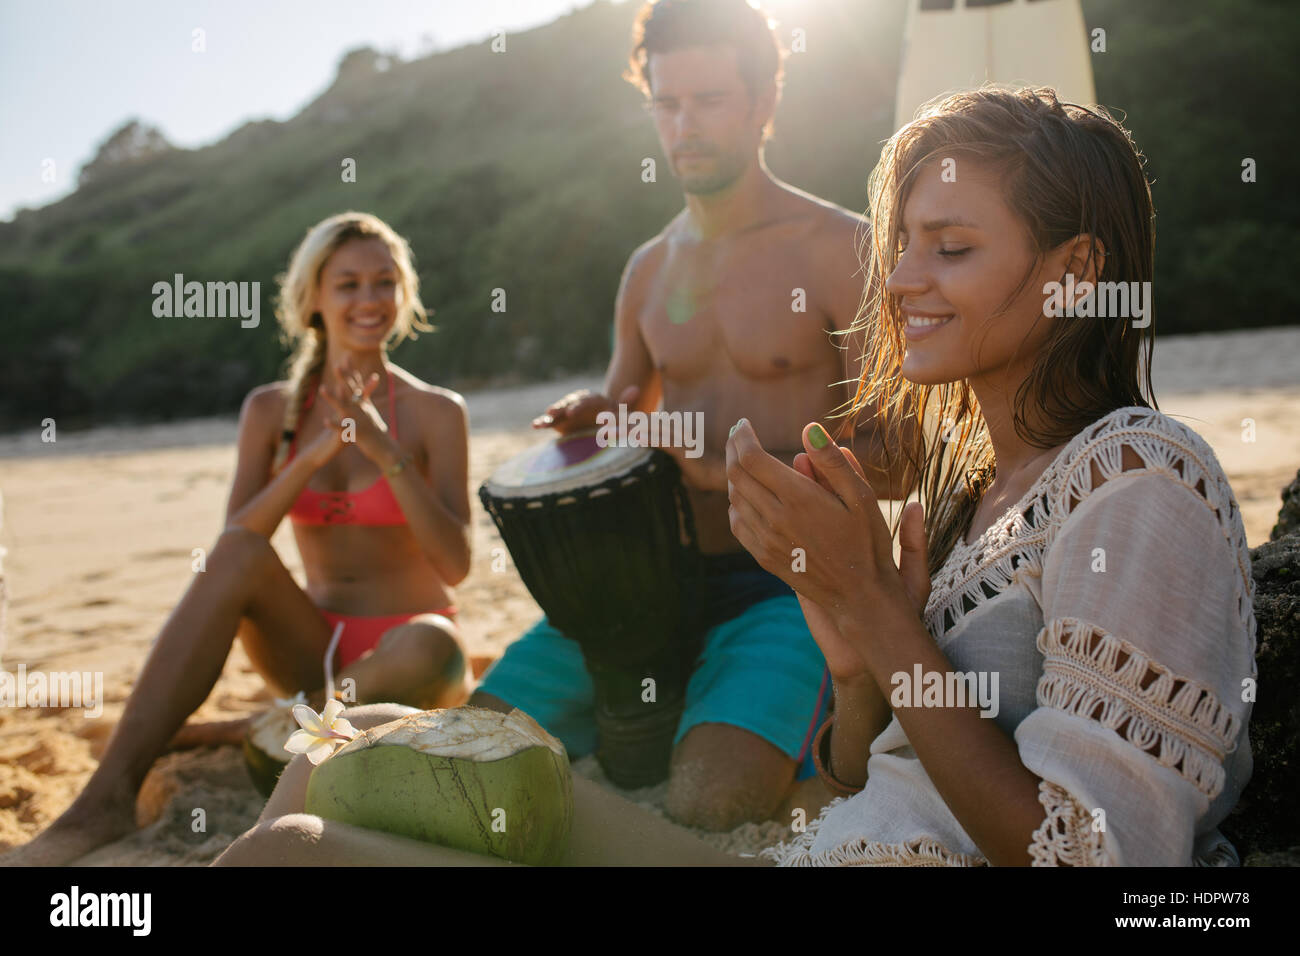 Giovane donna godendo le vacanze con i suoi amici sulla spiaggia. Le donne battendo le mani e uomo giocando dumbek. Immagini Stock